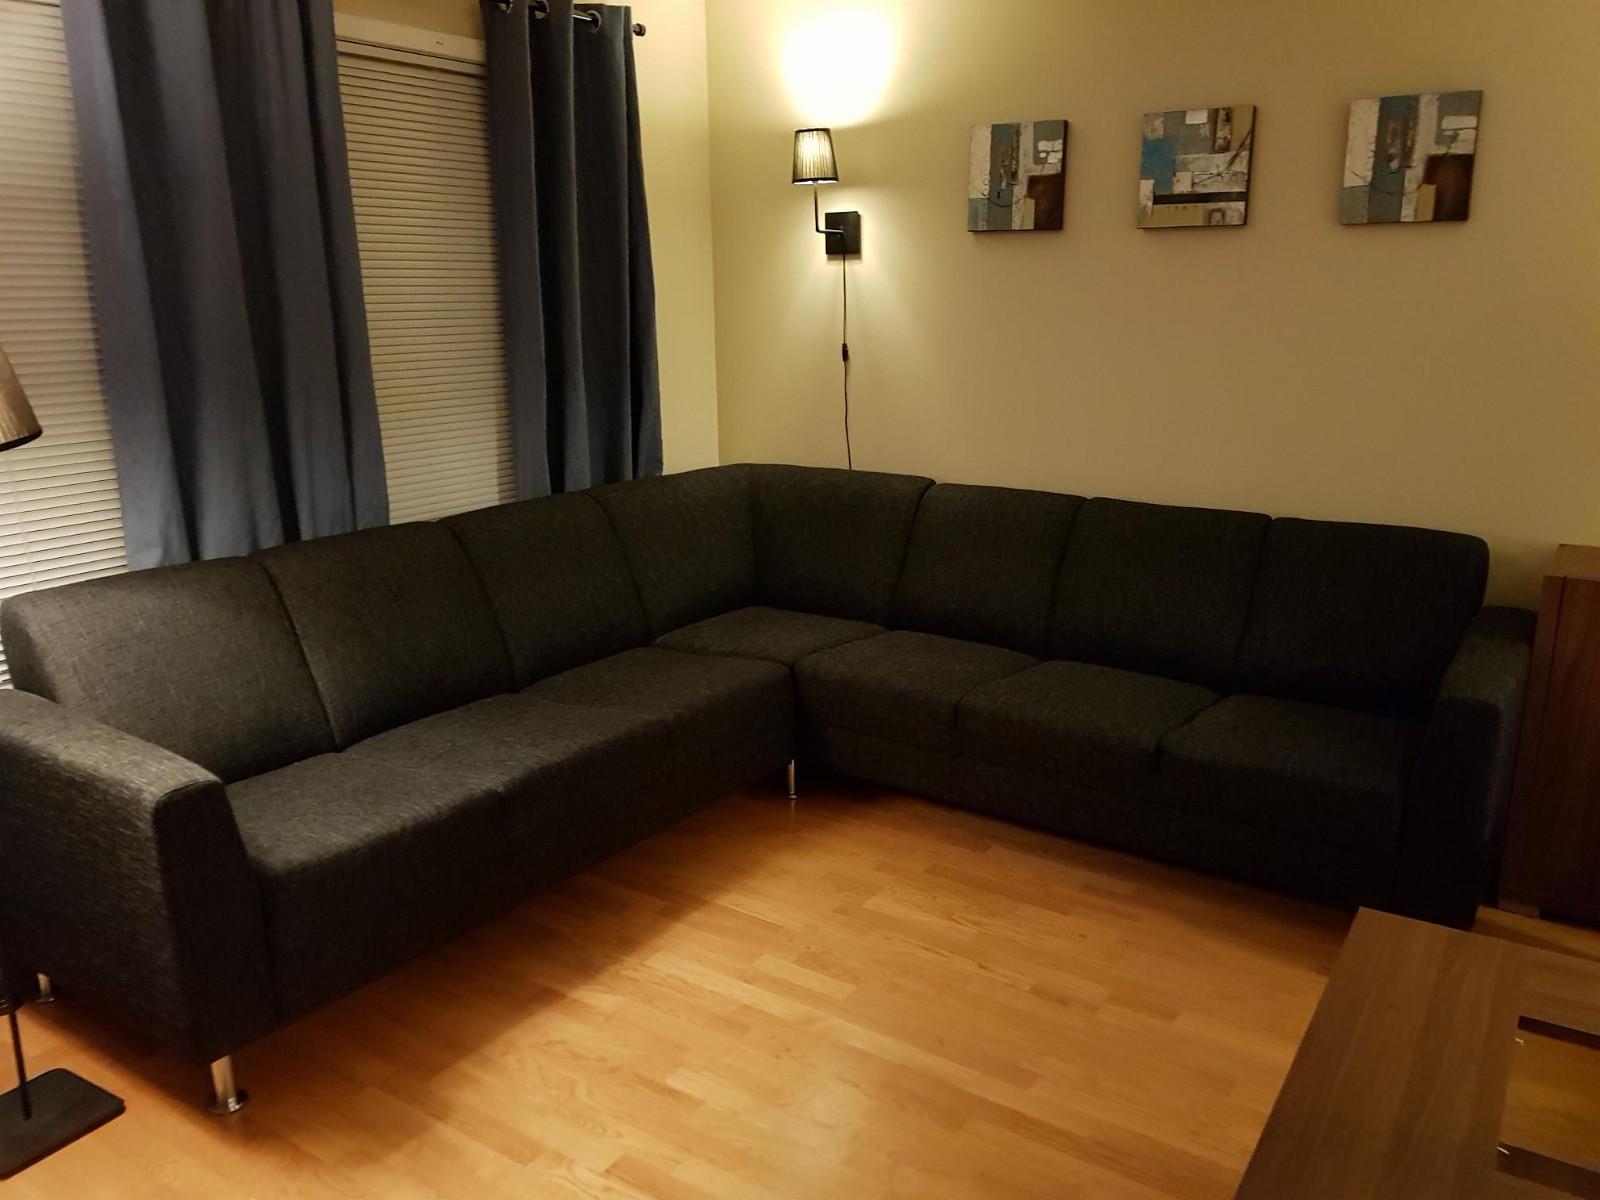 Hjørnesofa og stol selges rimelig - Rasta  - Pent brukt sort hjørnesofa med lenestol selges billig. Må hentes snarest. Mål sofa 3.55 x 3.55 m. Matchende lenestol. - Rasta